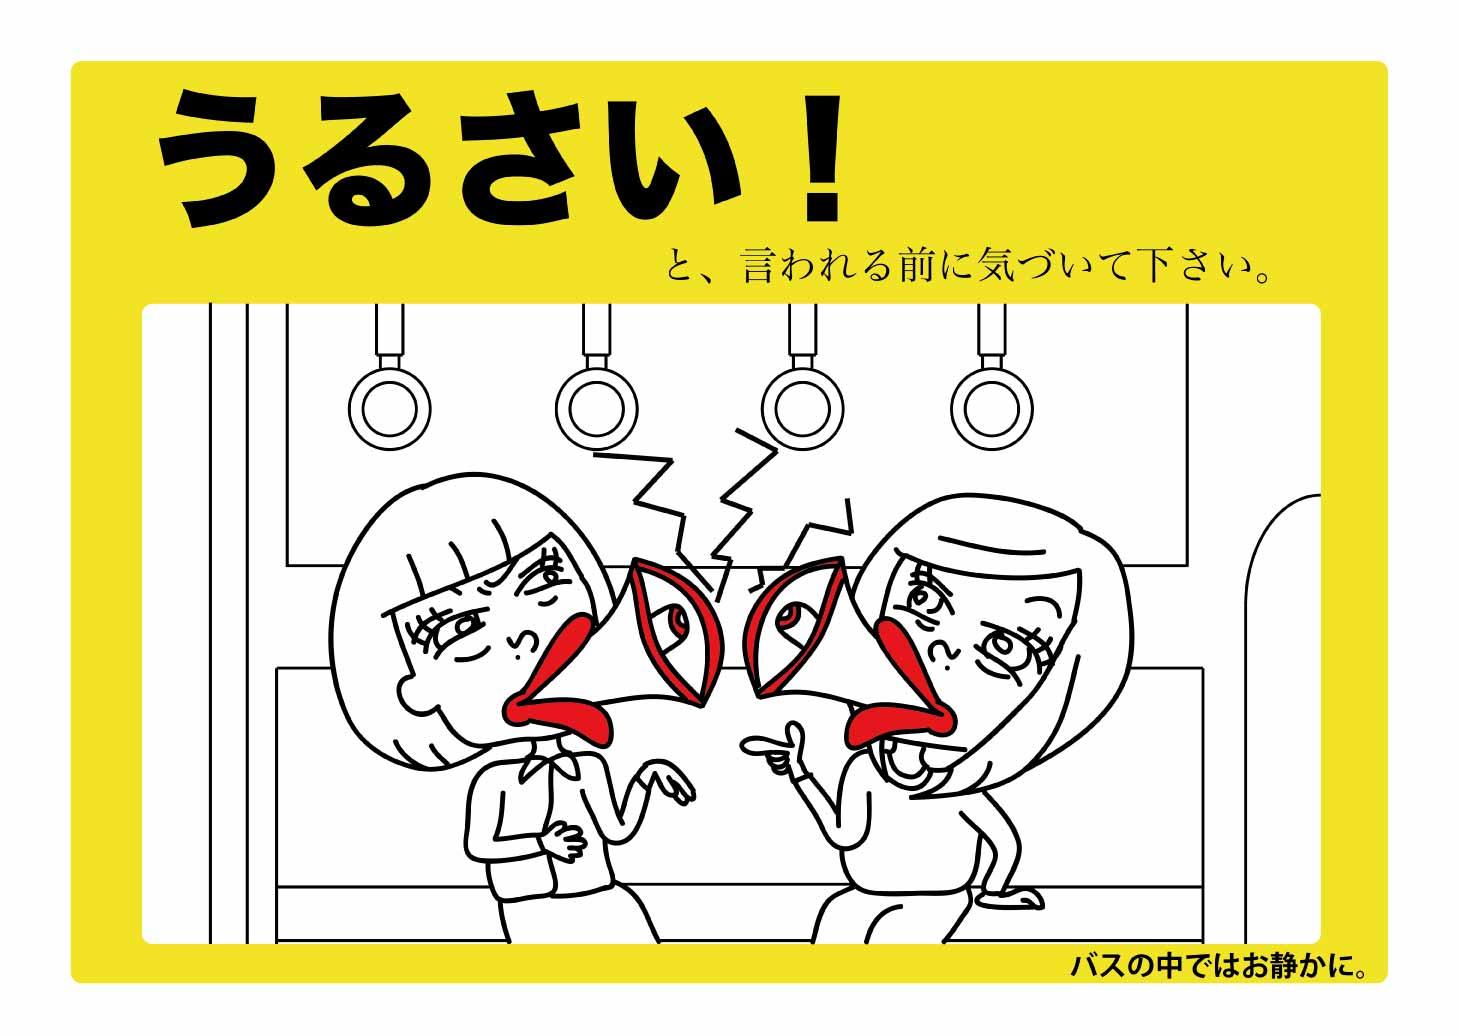 ポスター優秀賞「うるさい!」奥平.jpg